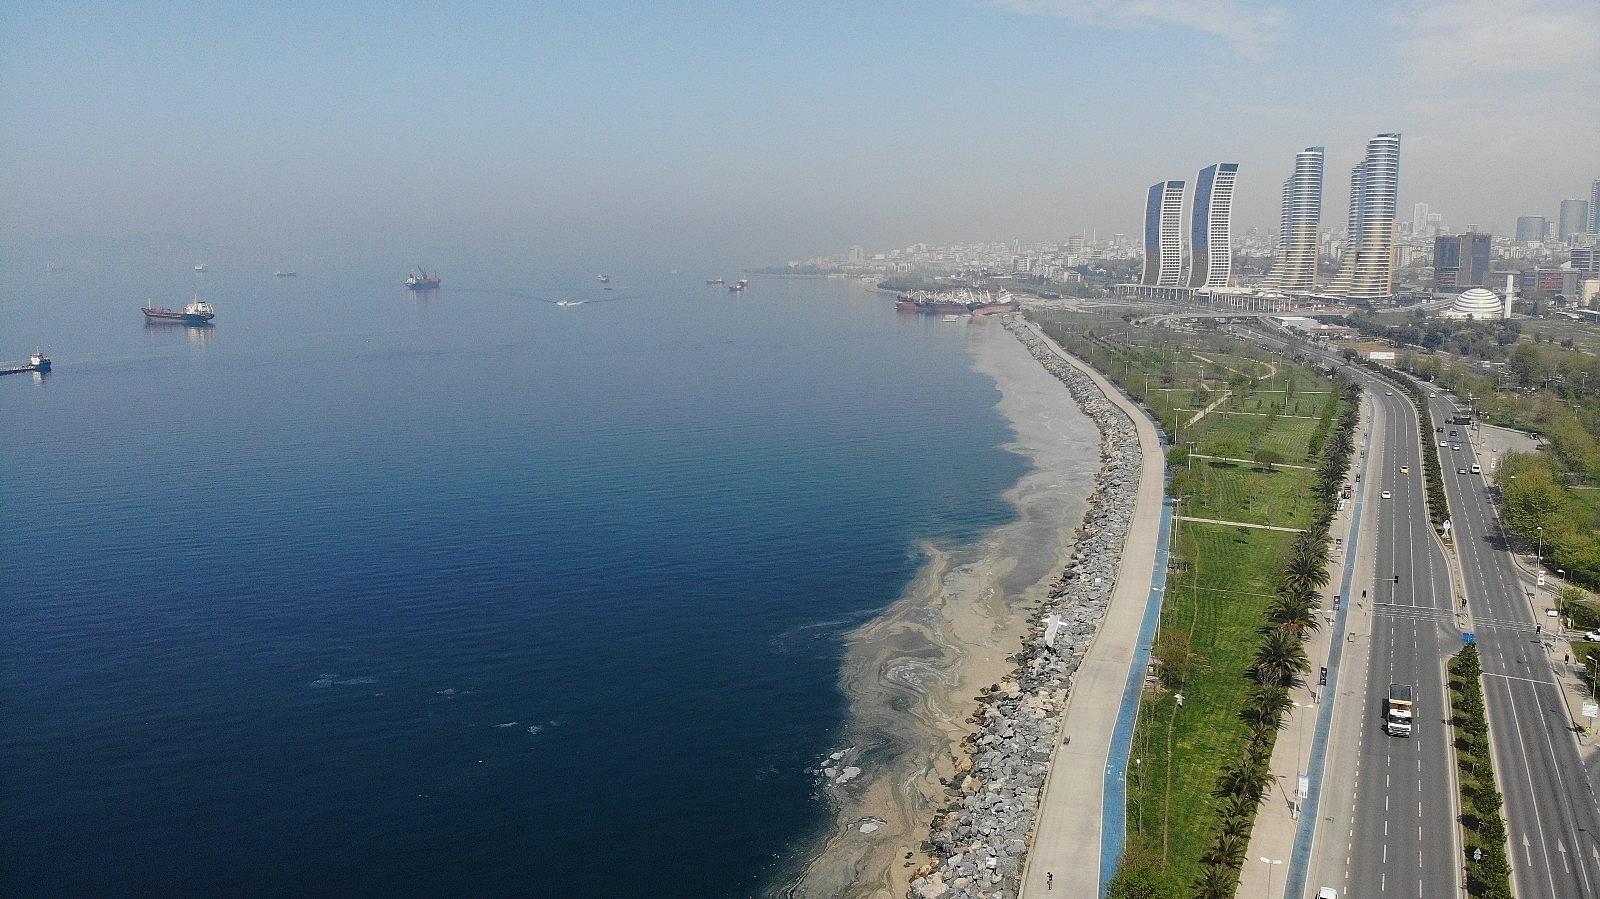 2021/05/deniz-salyasi-istilasi-pendik-sahillerine-kadar-geldi-20210430AW30-7.jpg